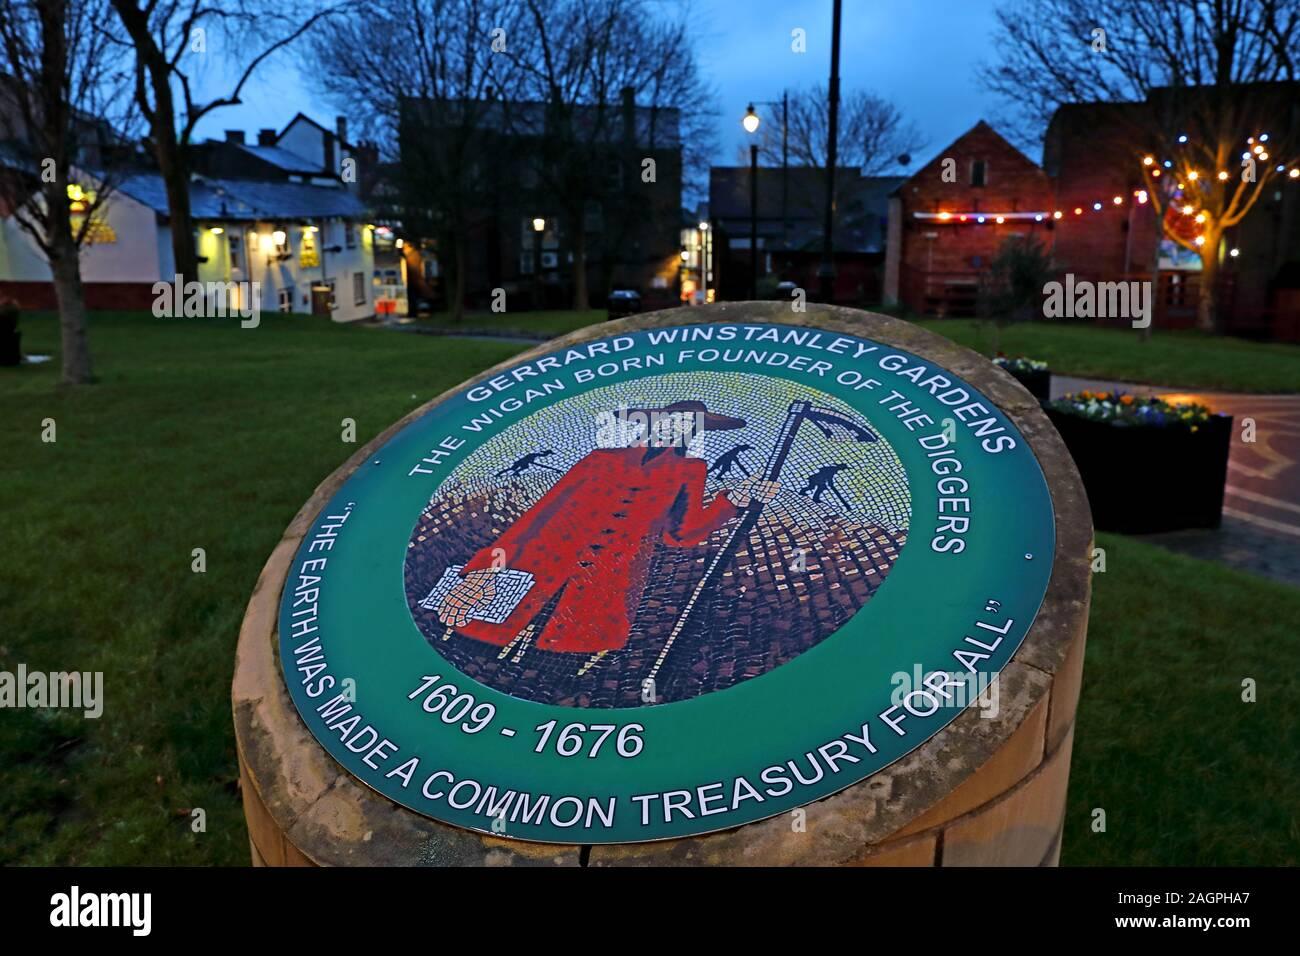 Dieses Stockfoto: Gerrard Winstanley Gärten, Wigan Gräber, die Wiend, Wigan Stadtzentrum, Greater Manchester, England, UK, WN1 1YB in der Dämmerung - 2AGPHA